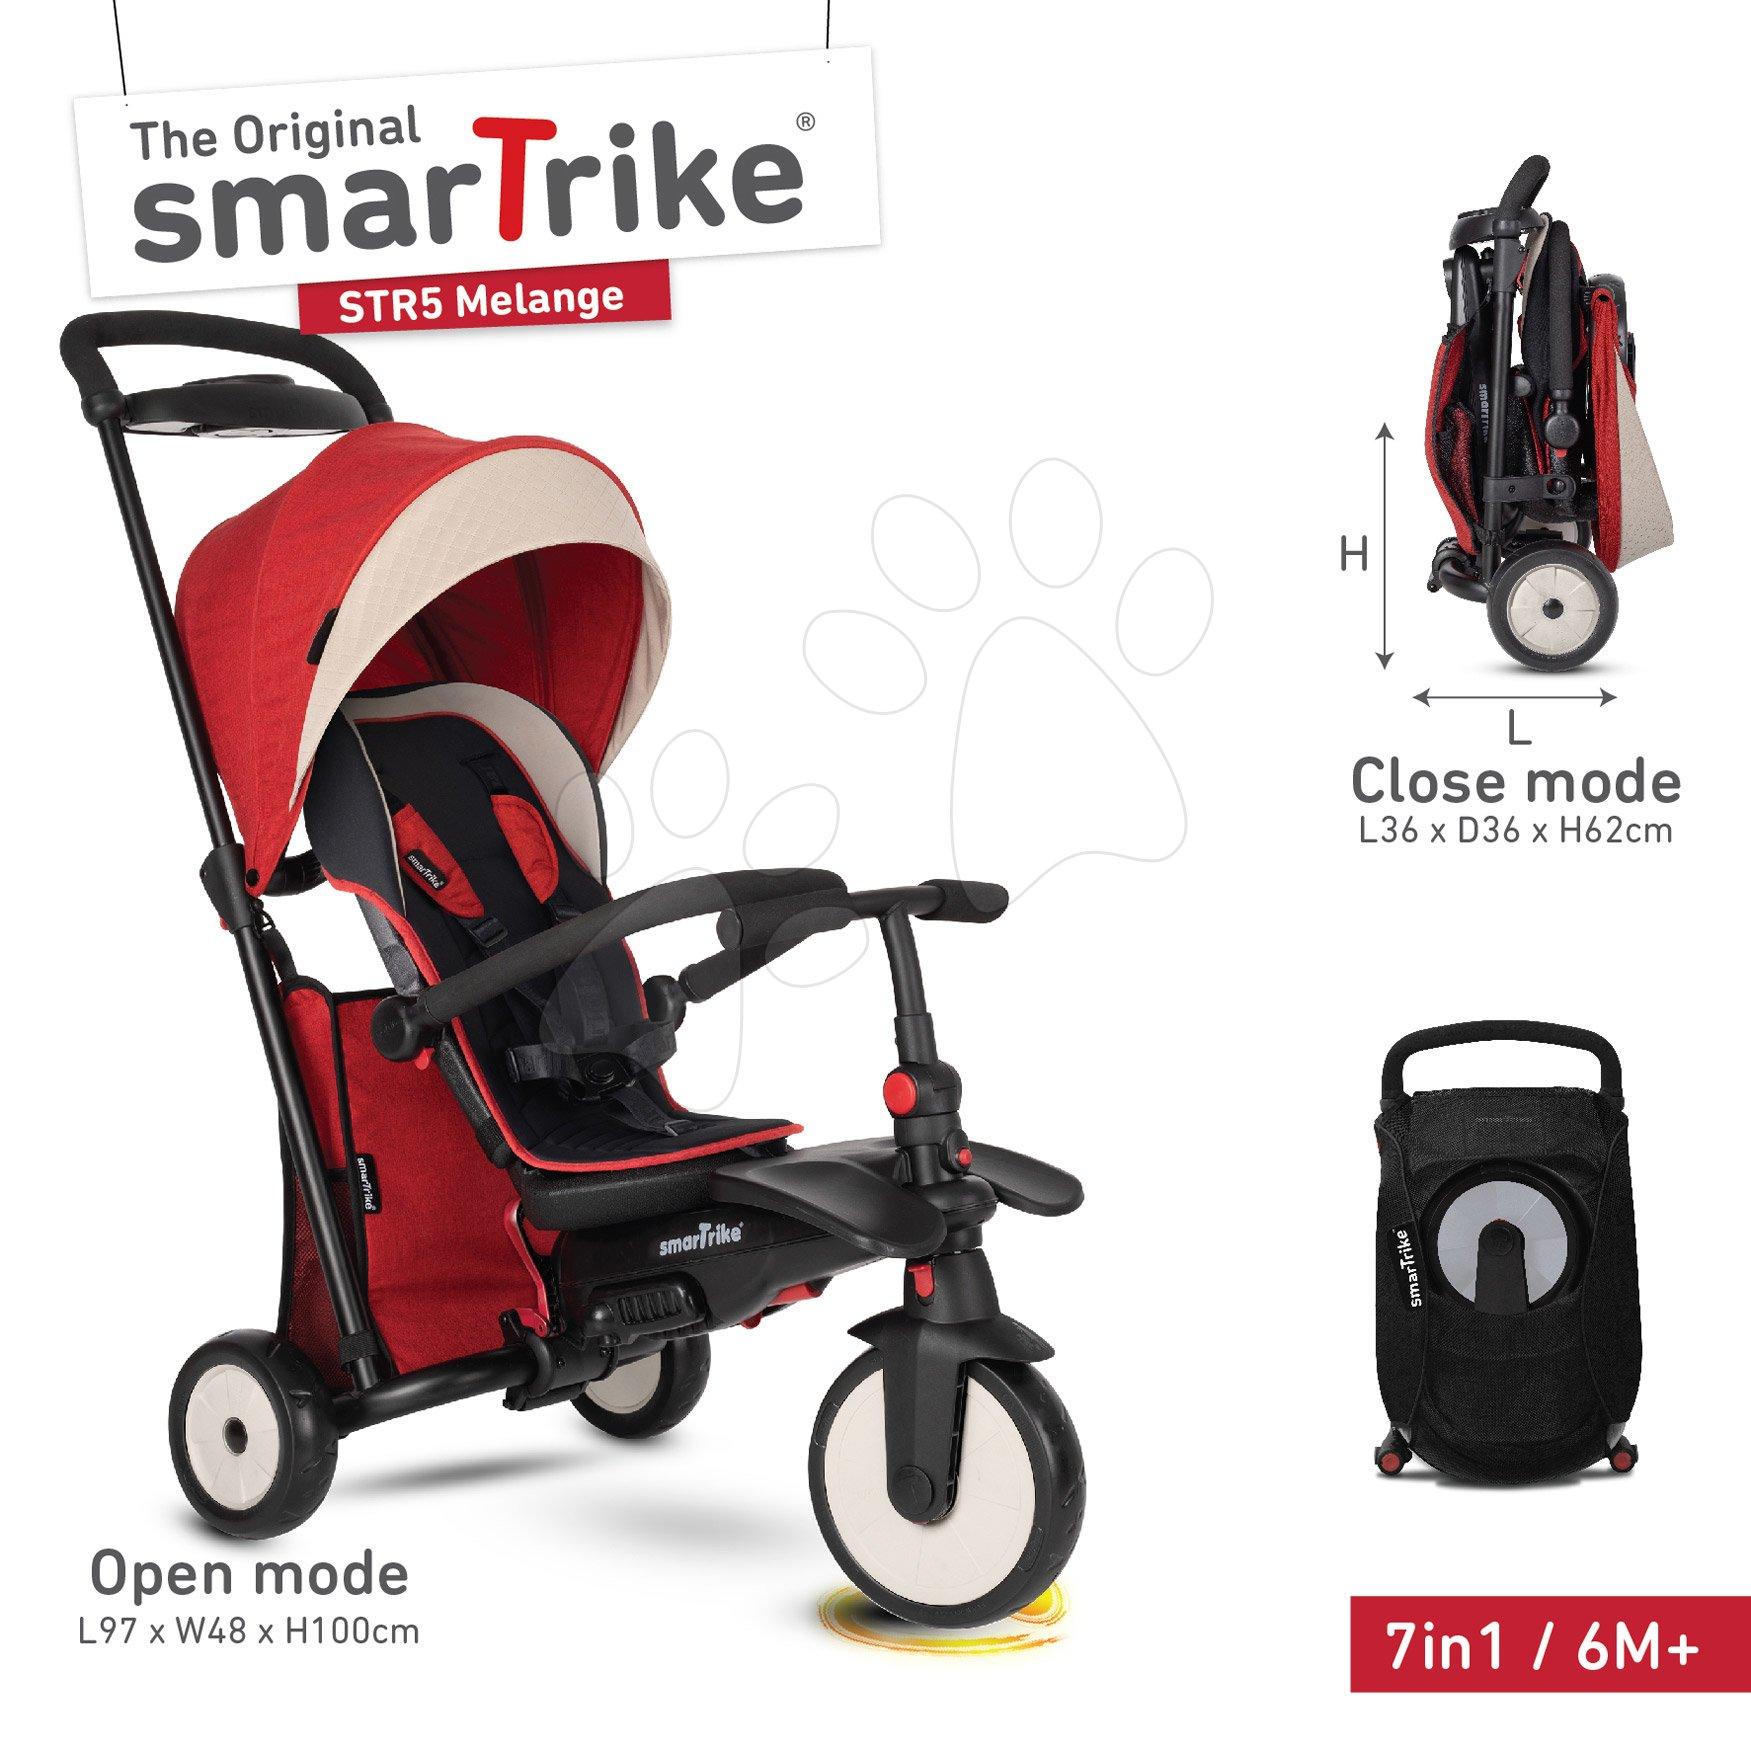 Trojkolka skladacia smarTfold 7v1 500 Stroller Melange smarTrike TouchSteering červená polstrovaná s EVA kolesami od 9 mesiacov ako kočík